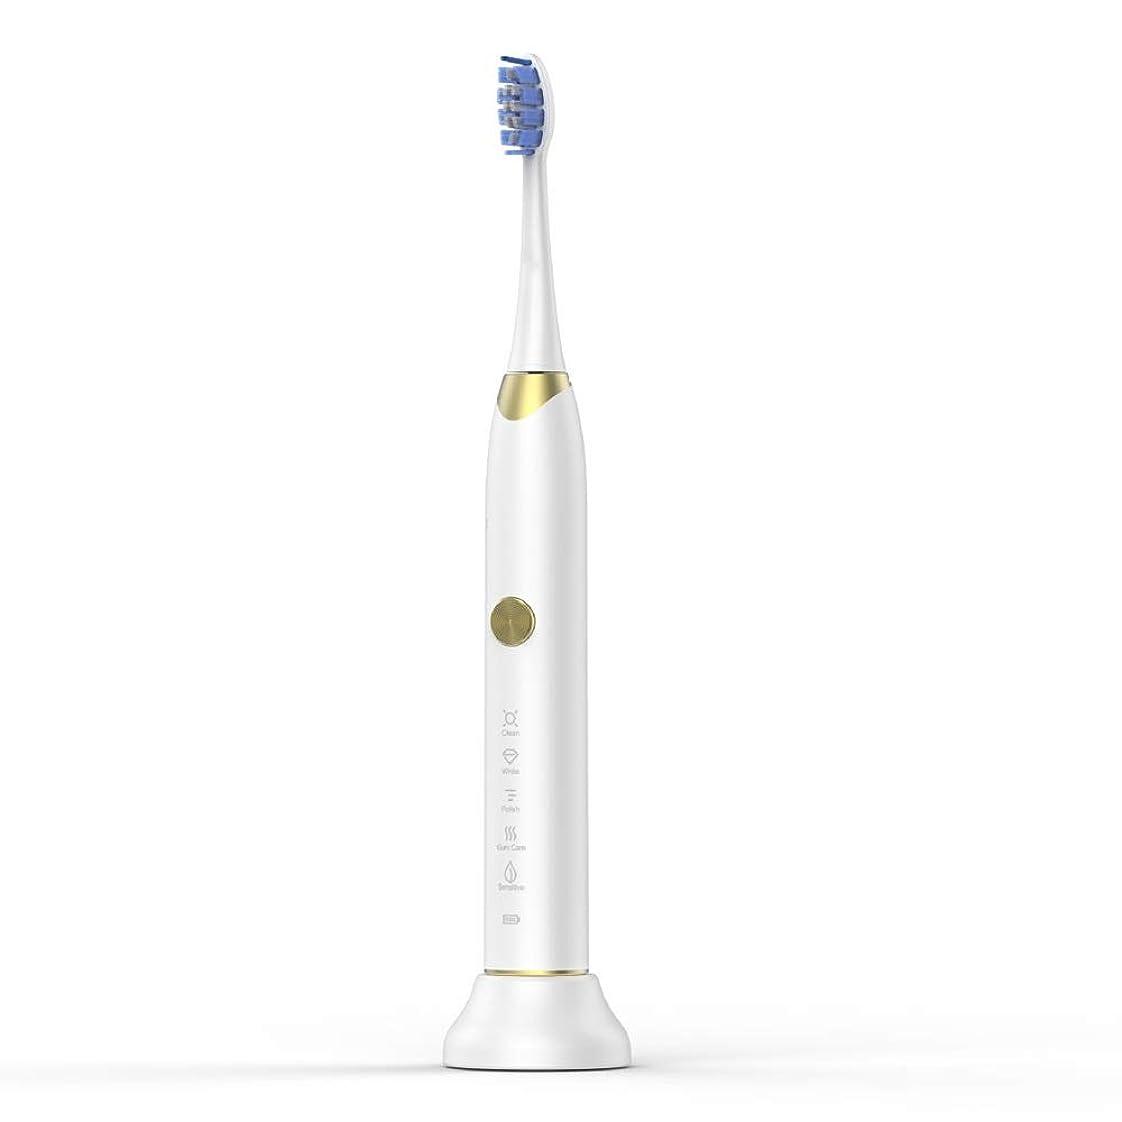 本体タフ販売計画電動歯ブラシ USB充電ベースホルダー付きソフト歯ブラシ ケアー プロテクトクリーン (色 : 白, サイズ : Free size)